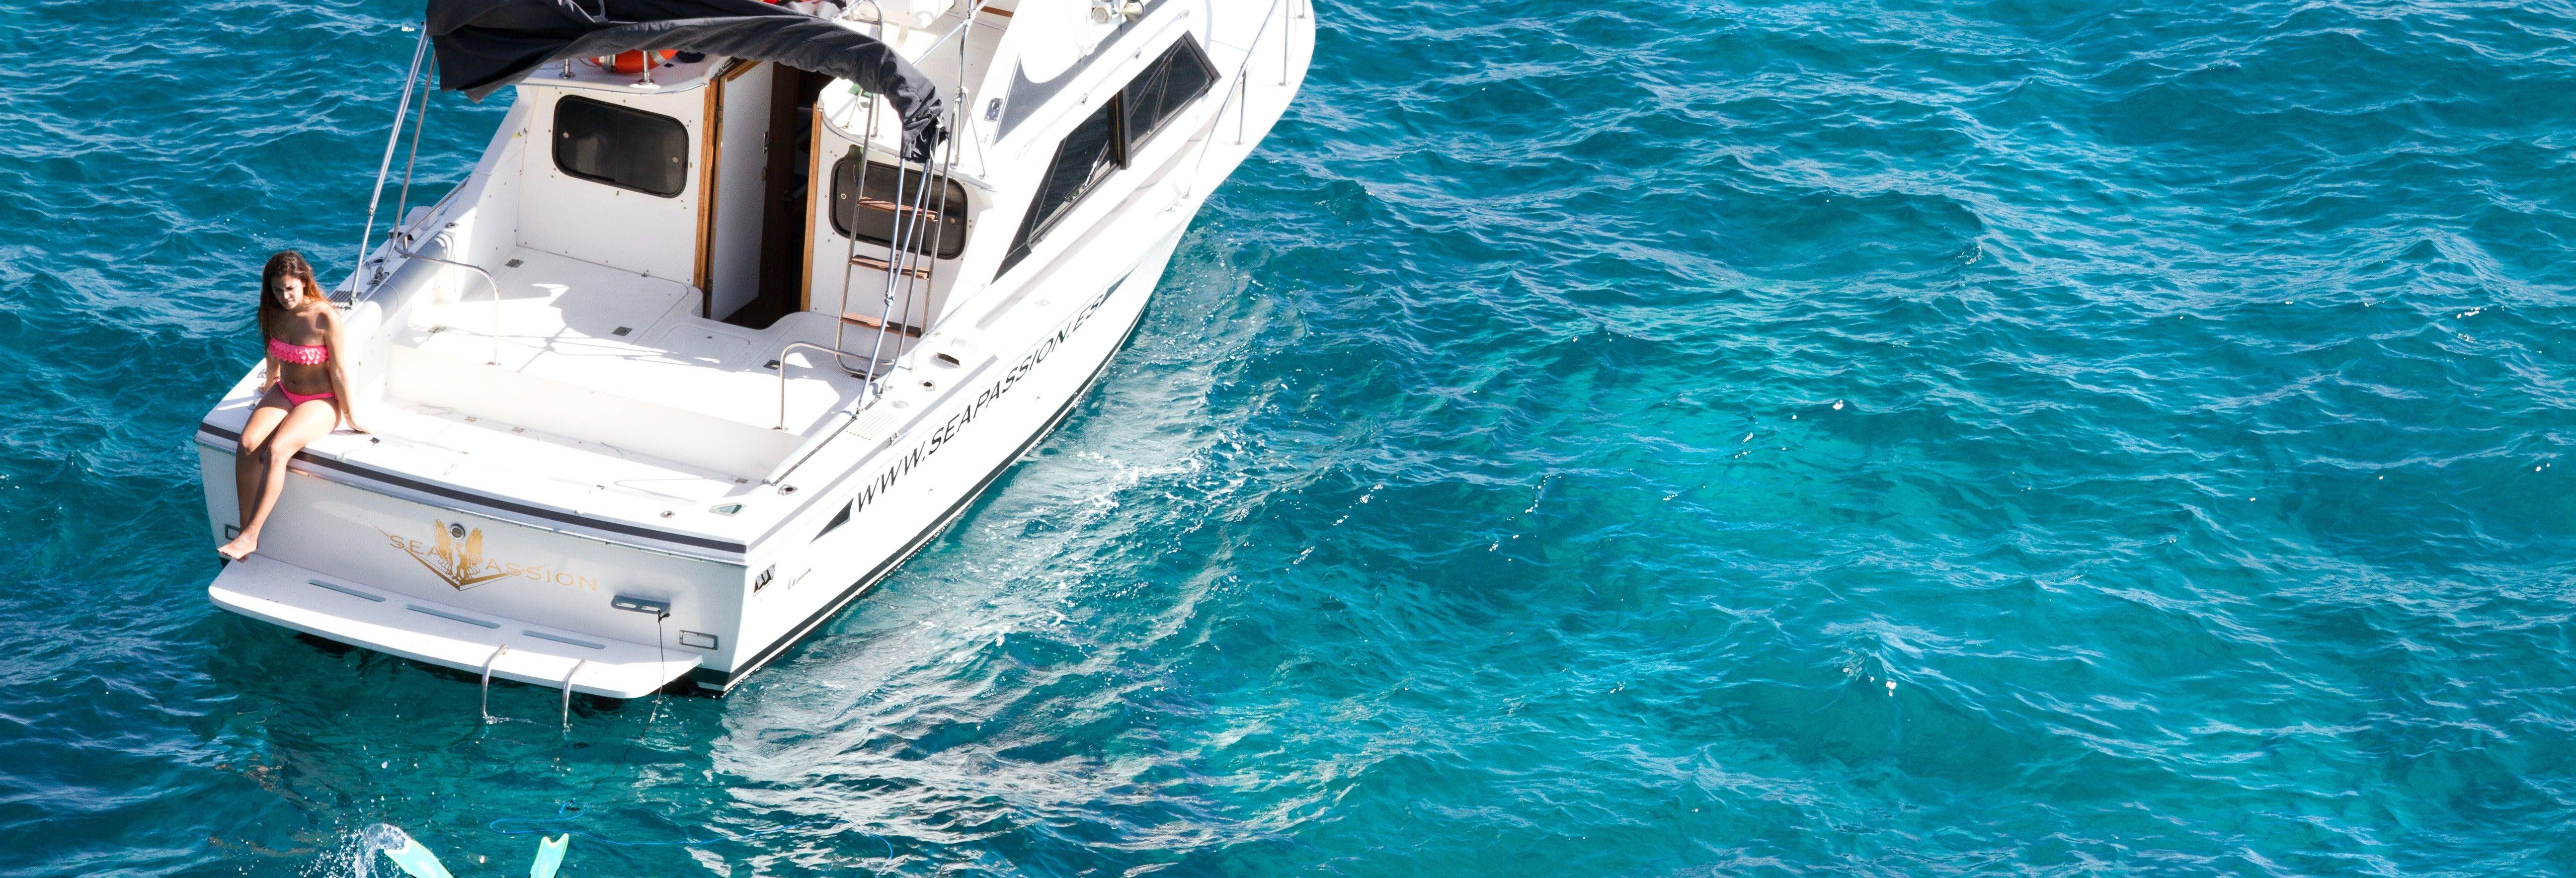 Paseo en yate con avistamiento de cetáceos